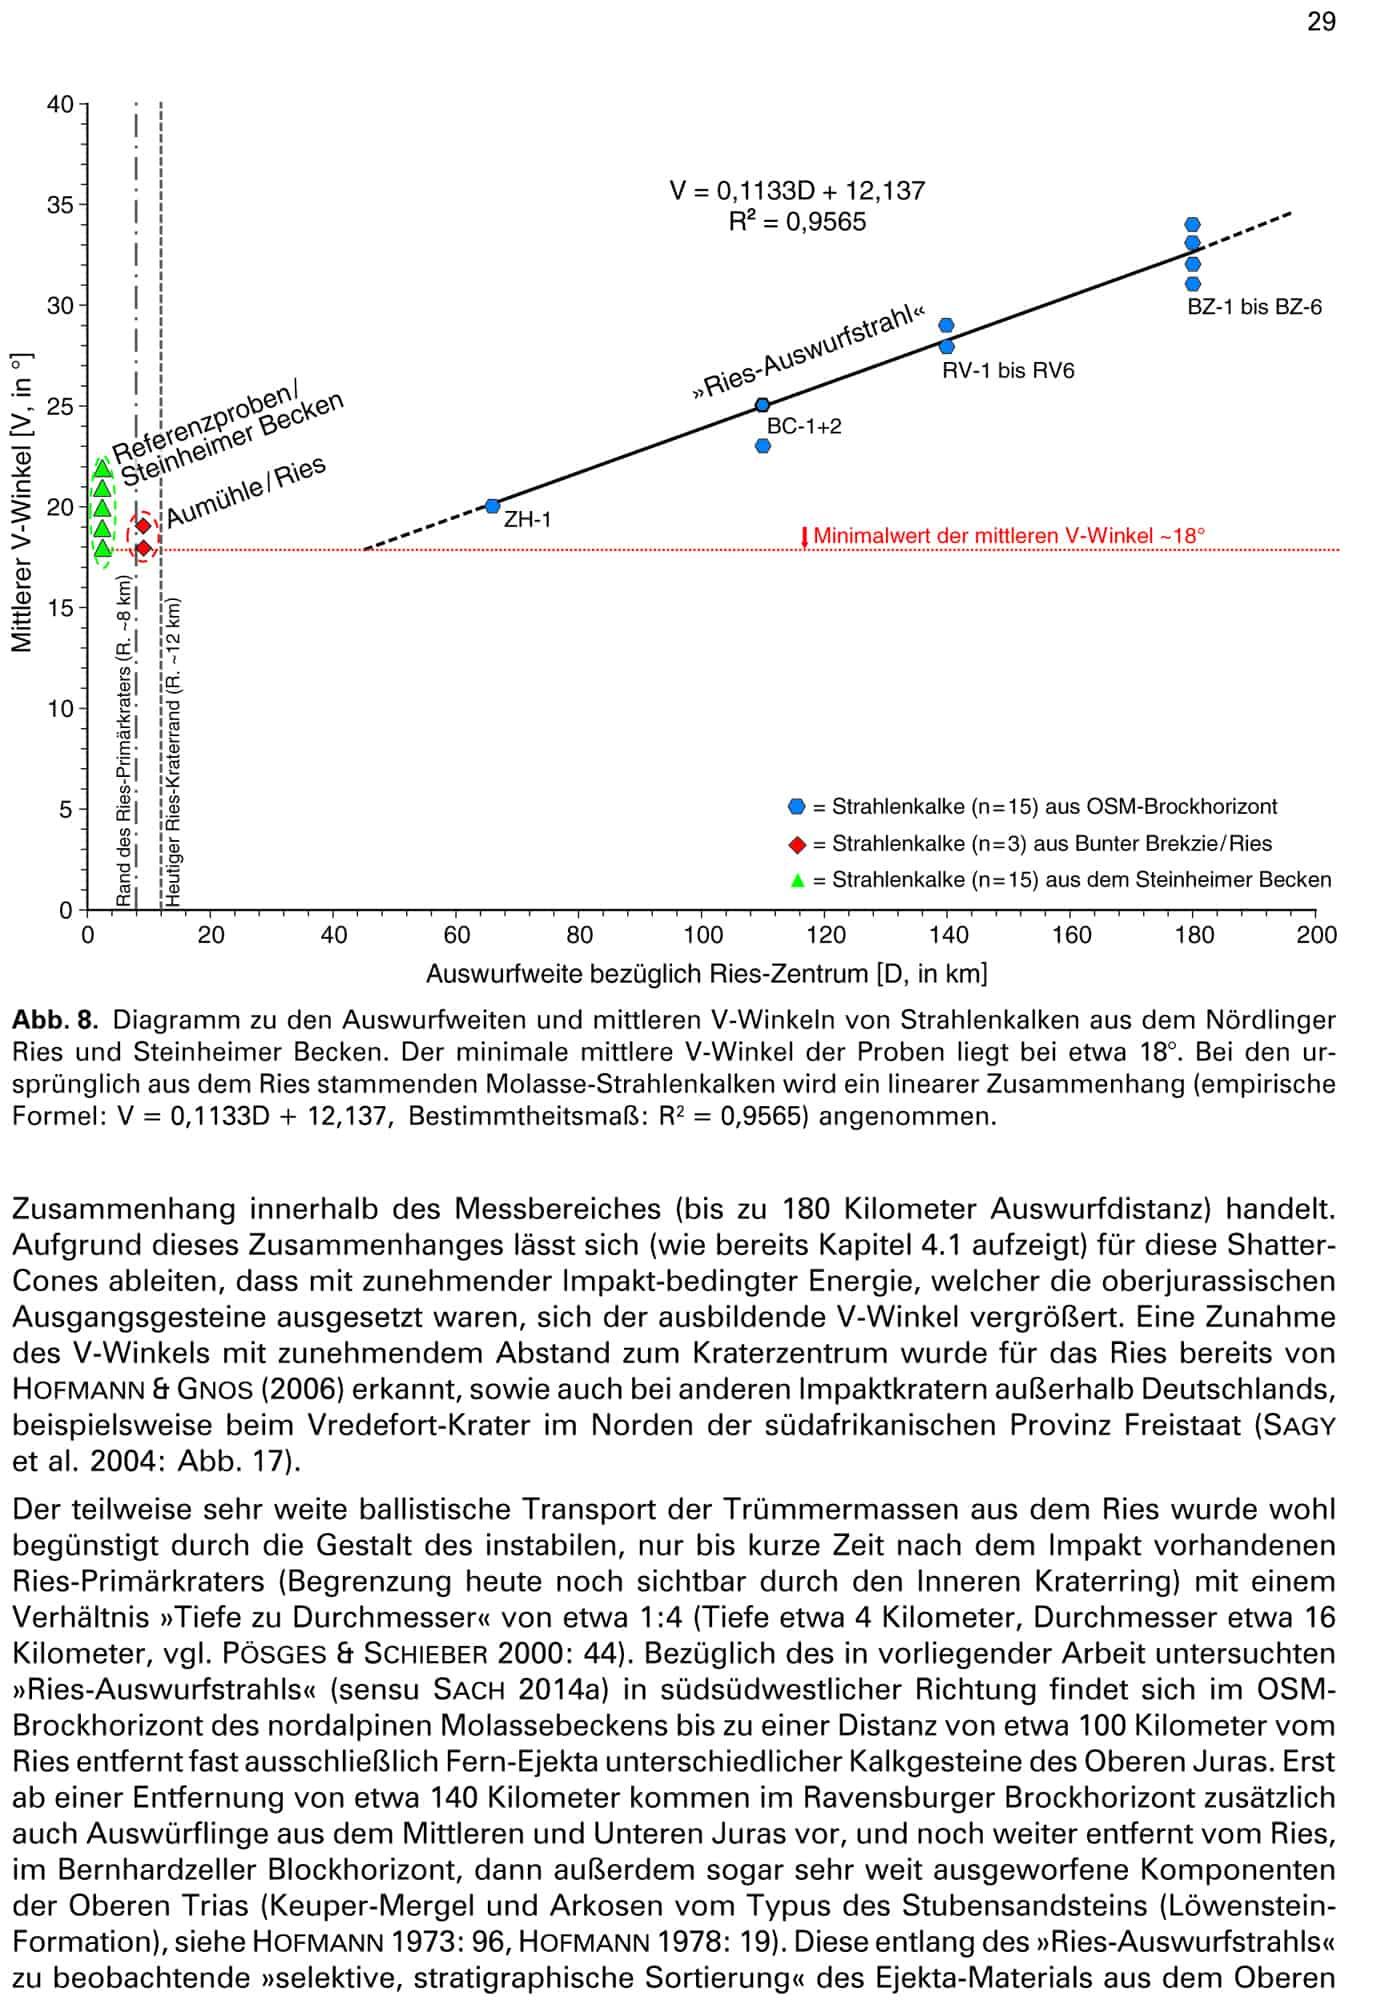 Neue Untersuchungen an Strahlenkalken und Shatter-Cones – Pfeil Verlag